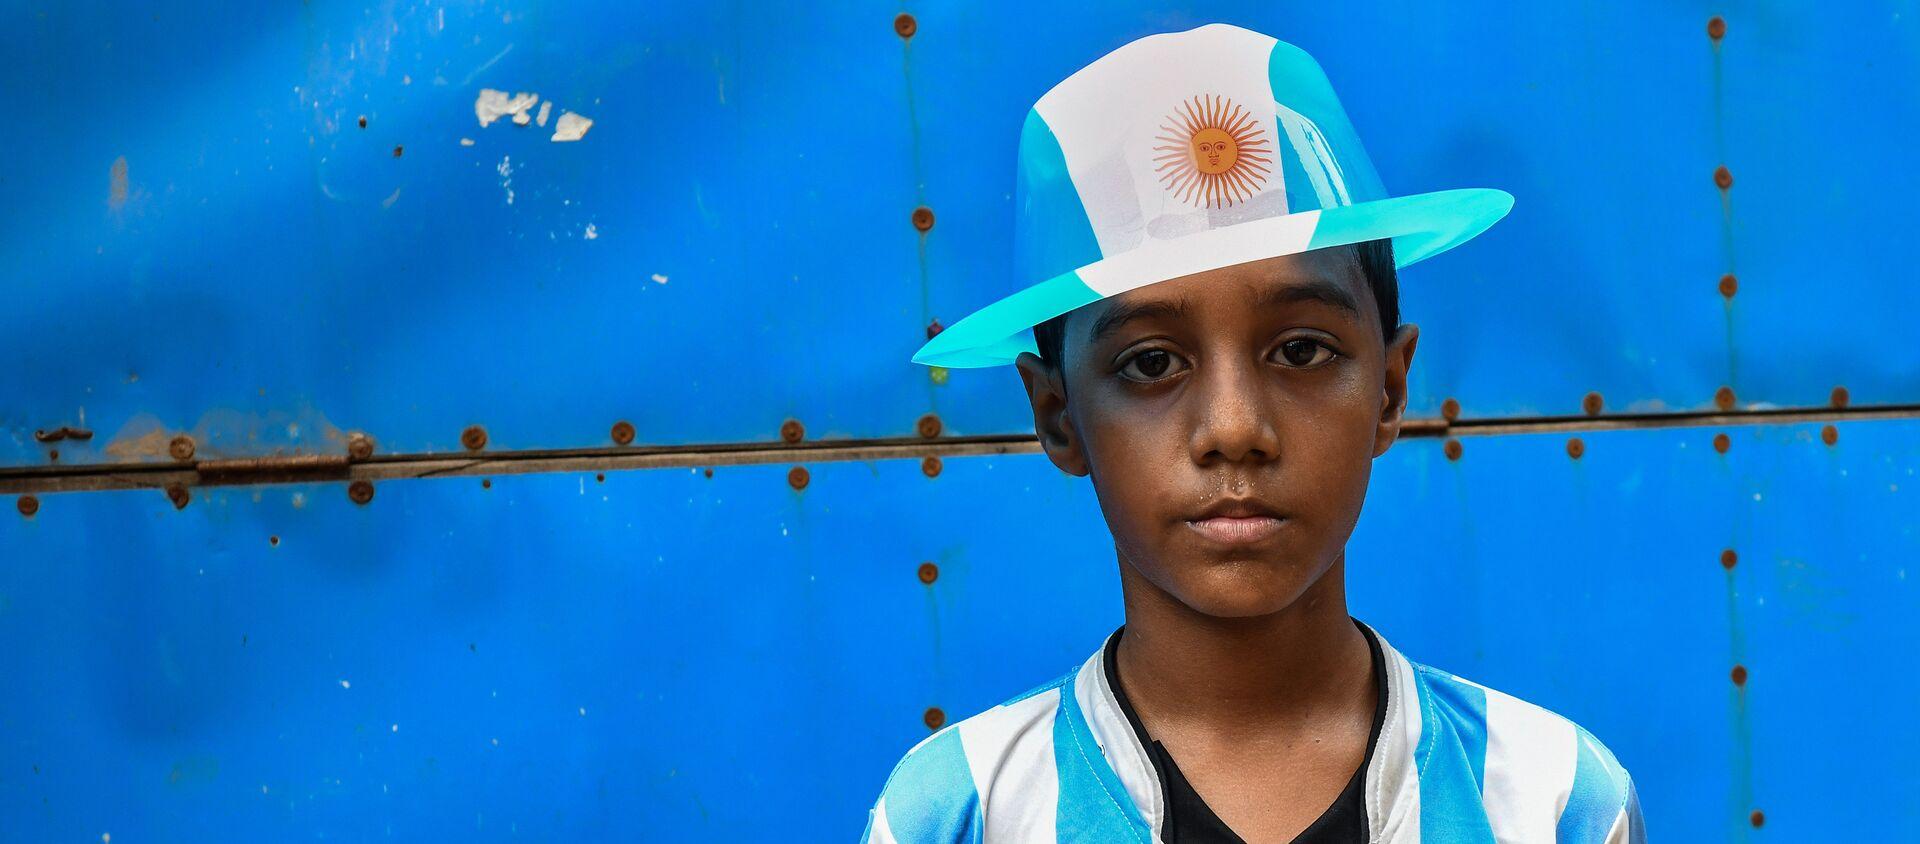 Niño bangladesí seguidor de la selección argentina - Sputnik Mundo, 1920, 28.06.2018